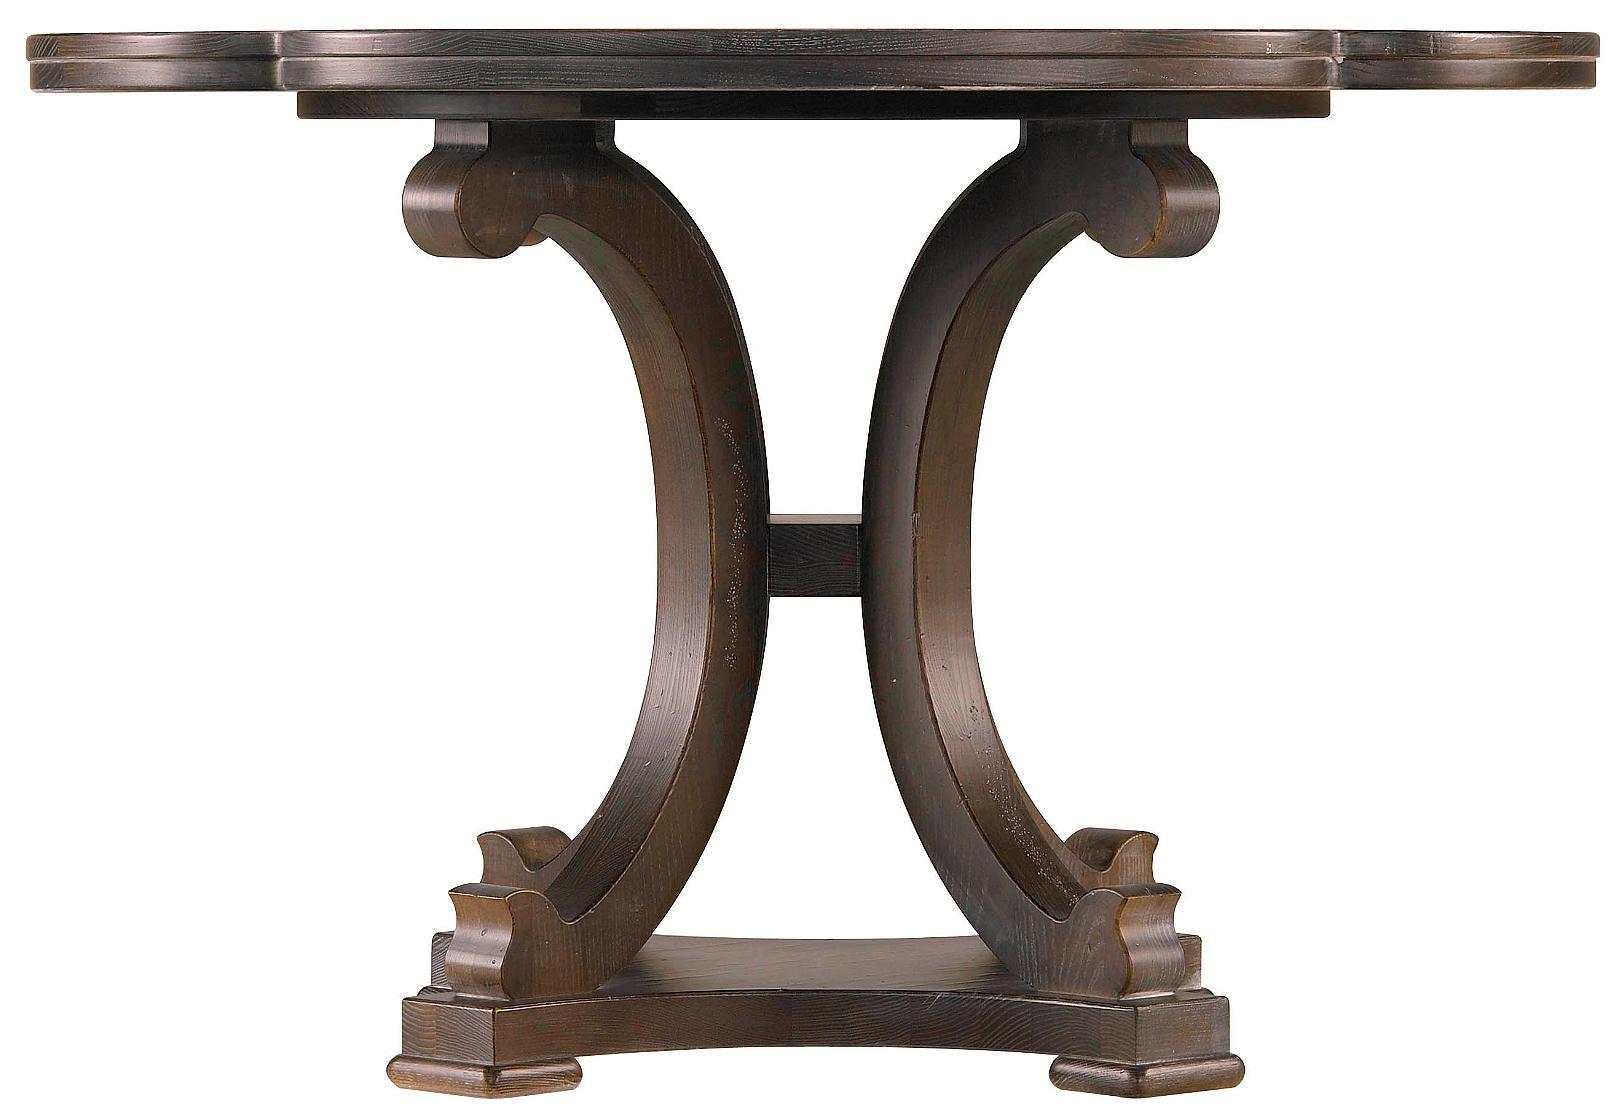 Stanley Furniture Coastal Living Resort Seascape Table - Item Number: 062-11-34